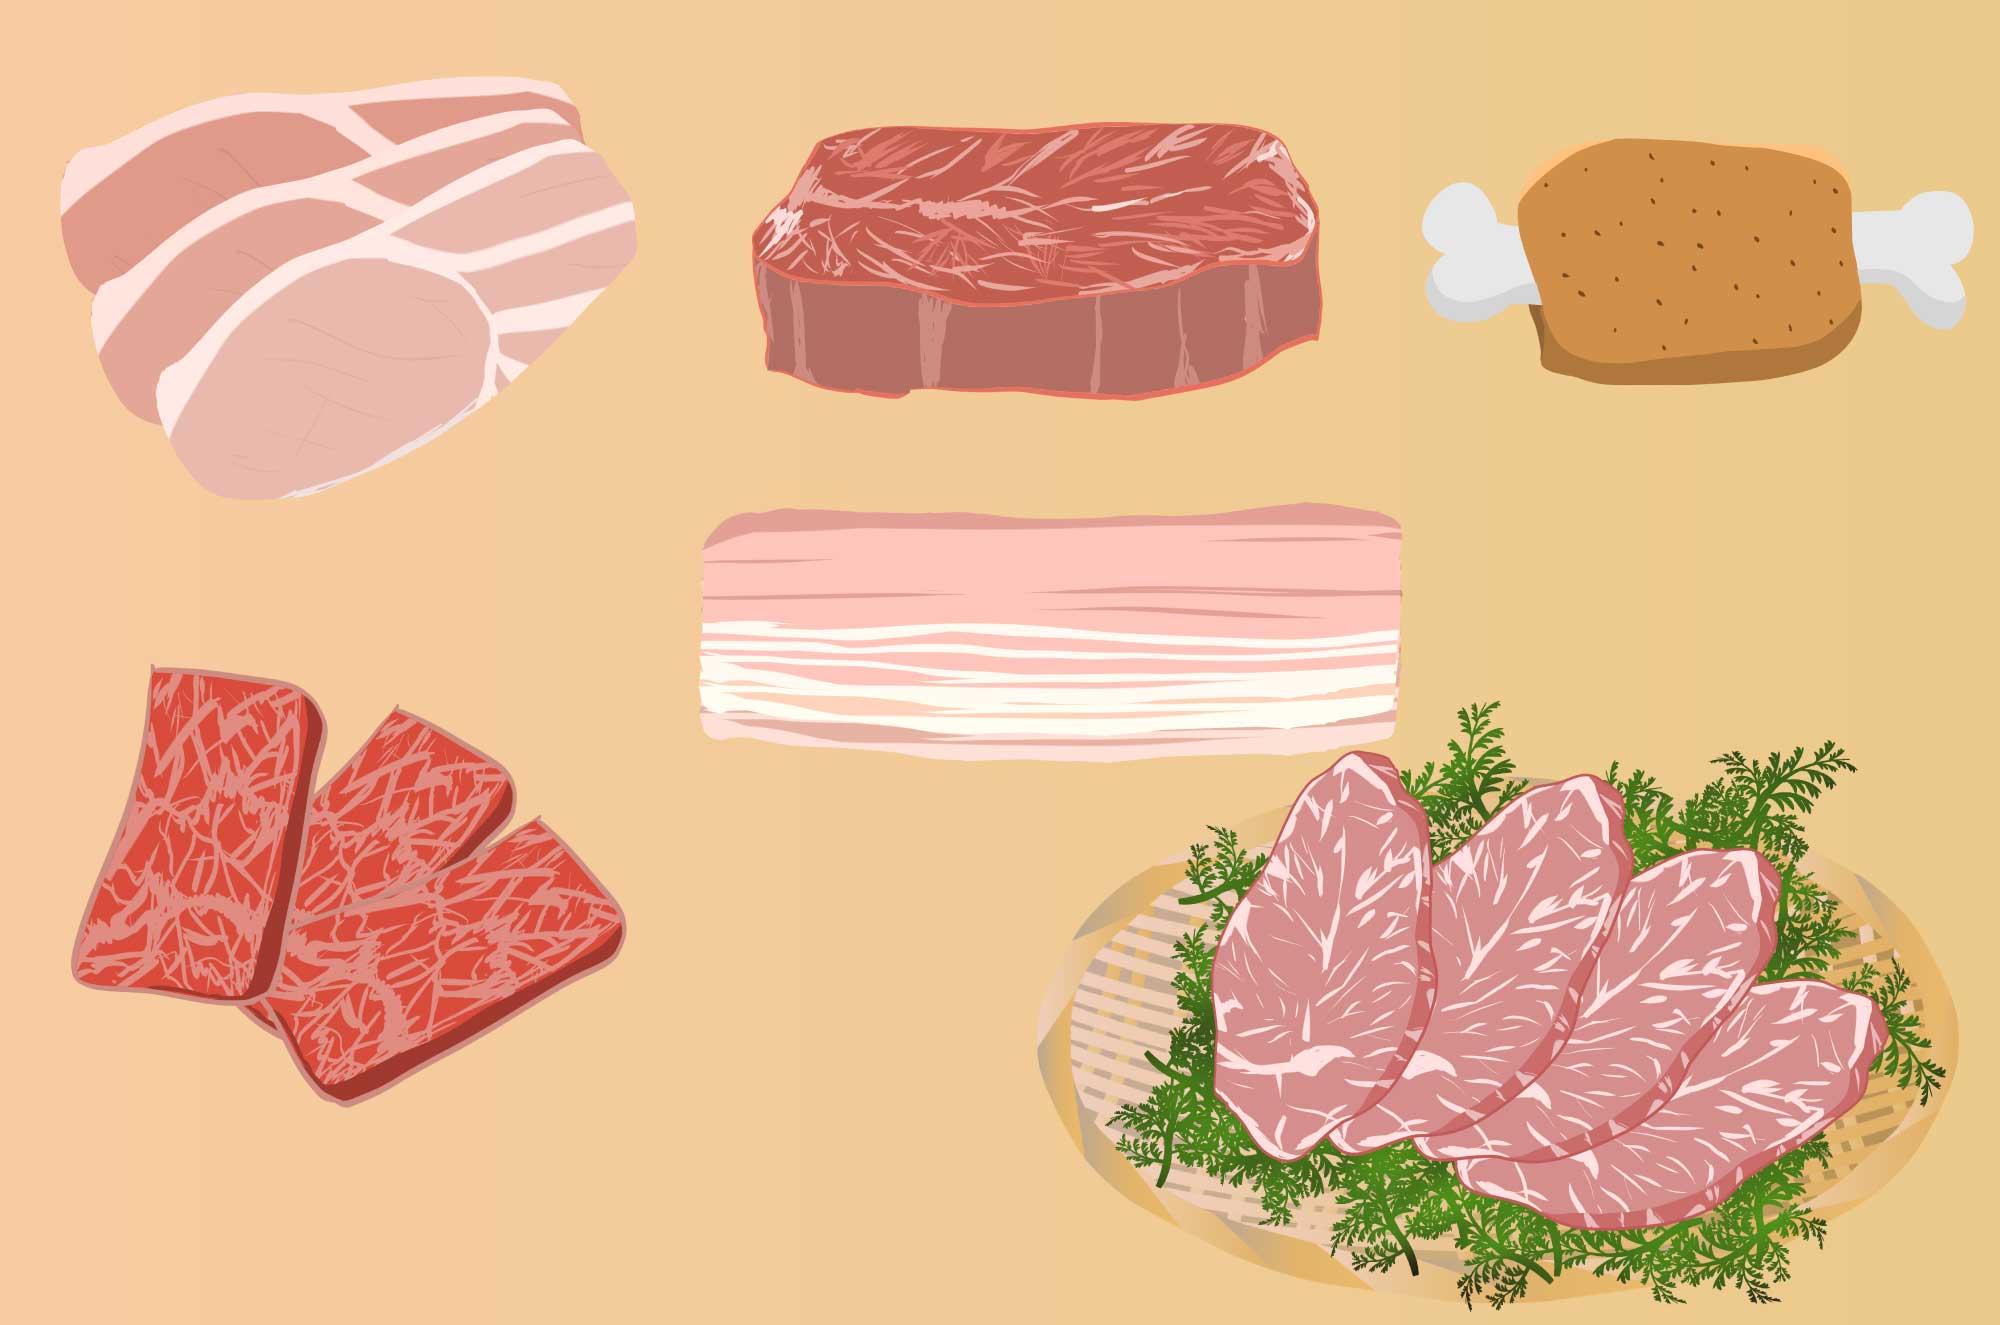 肉の無料イラスト - 牛・豚・鳥の食材フリー素材